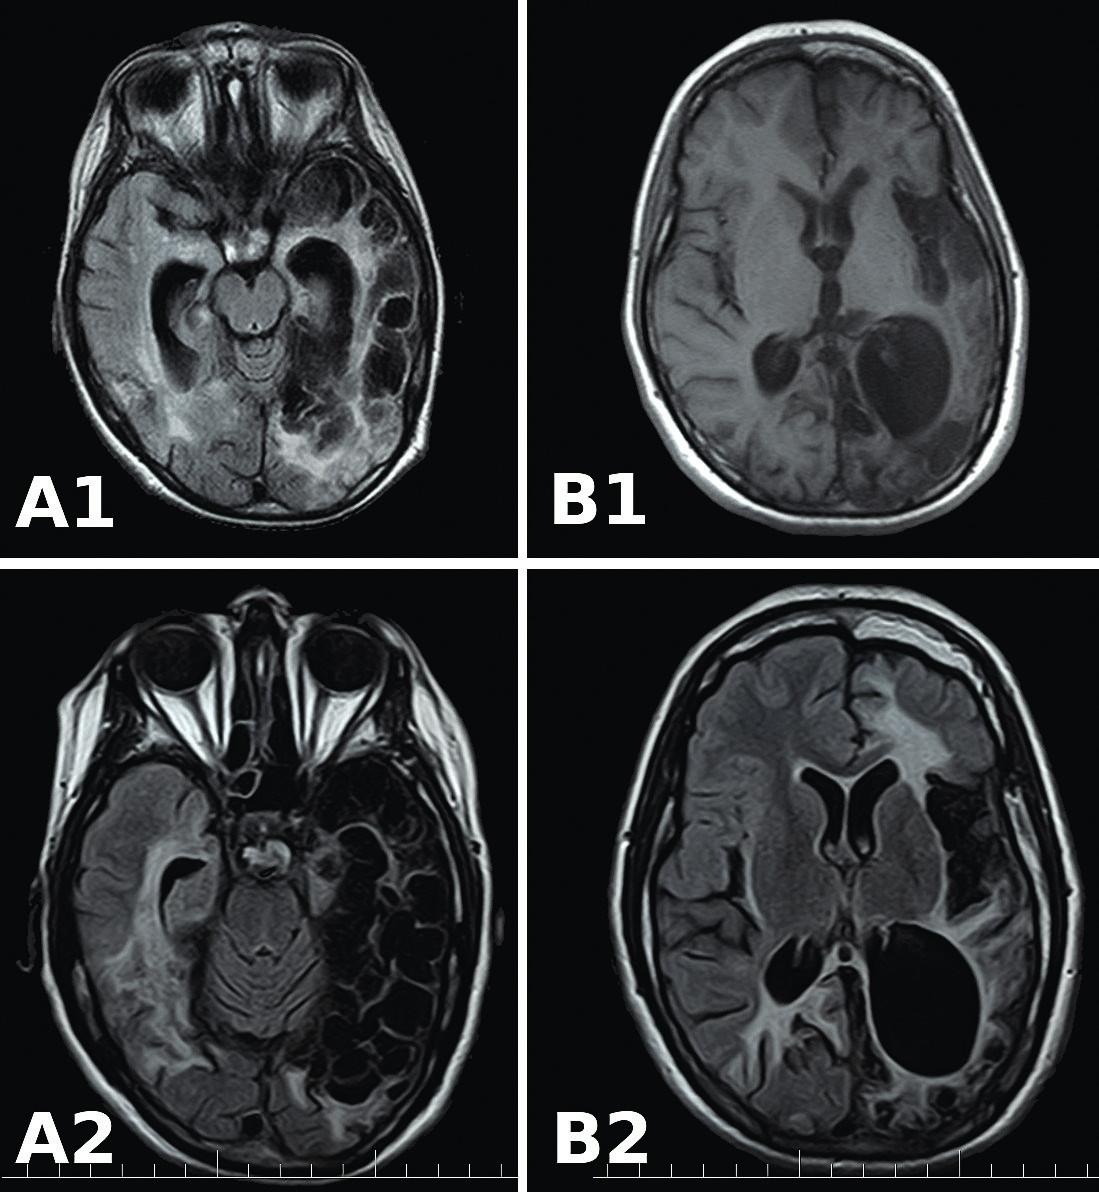 MR FLAIR mozgu. A1 aB1: 6 mesiacov po HSE. Vmieste pôvodných hypodenzných ložísk viacpočetné kortiko-subkortikálne malatické ložiská adilatácia okcipitálneho rohu ľavej bočnej komory. A2 aB2: 8 a12 rokov po HSE. Zvýraznené pôvodné rozpadové malatické ložiská, progresia šírky okcipitálneho rohu ľavej bočnej komory. Bez podstatných zmien vporovnaní sMR po 18 mesiacoch po HSE. <br> Fig. 3.  MR FLAIR of brain. A1 and B1: 6 months after HSE. Multiple cortical-subcortical malatic lesions in the location of the original hypodense areas. Dilatation of the occipital horn of the left ventricle. A2 and B2: 8 and 12 years after HSE. Highlighted original malatic lesions, width progression of the occipital horn of the left ventricle. No significant changes compared to MR after 18 months of HSE.